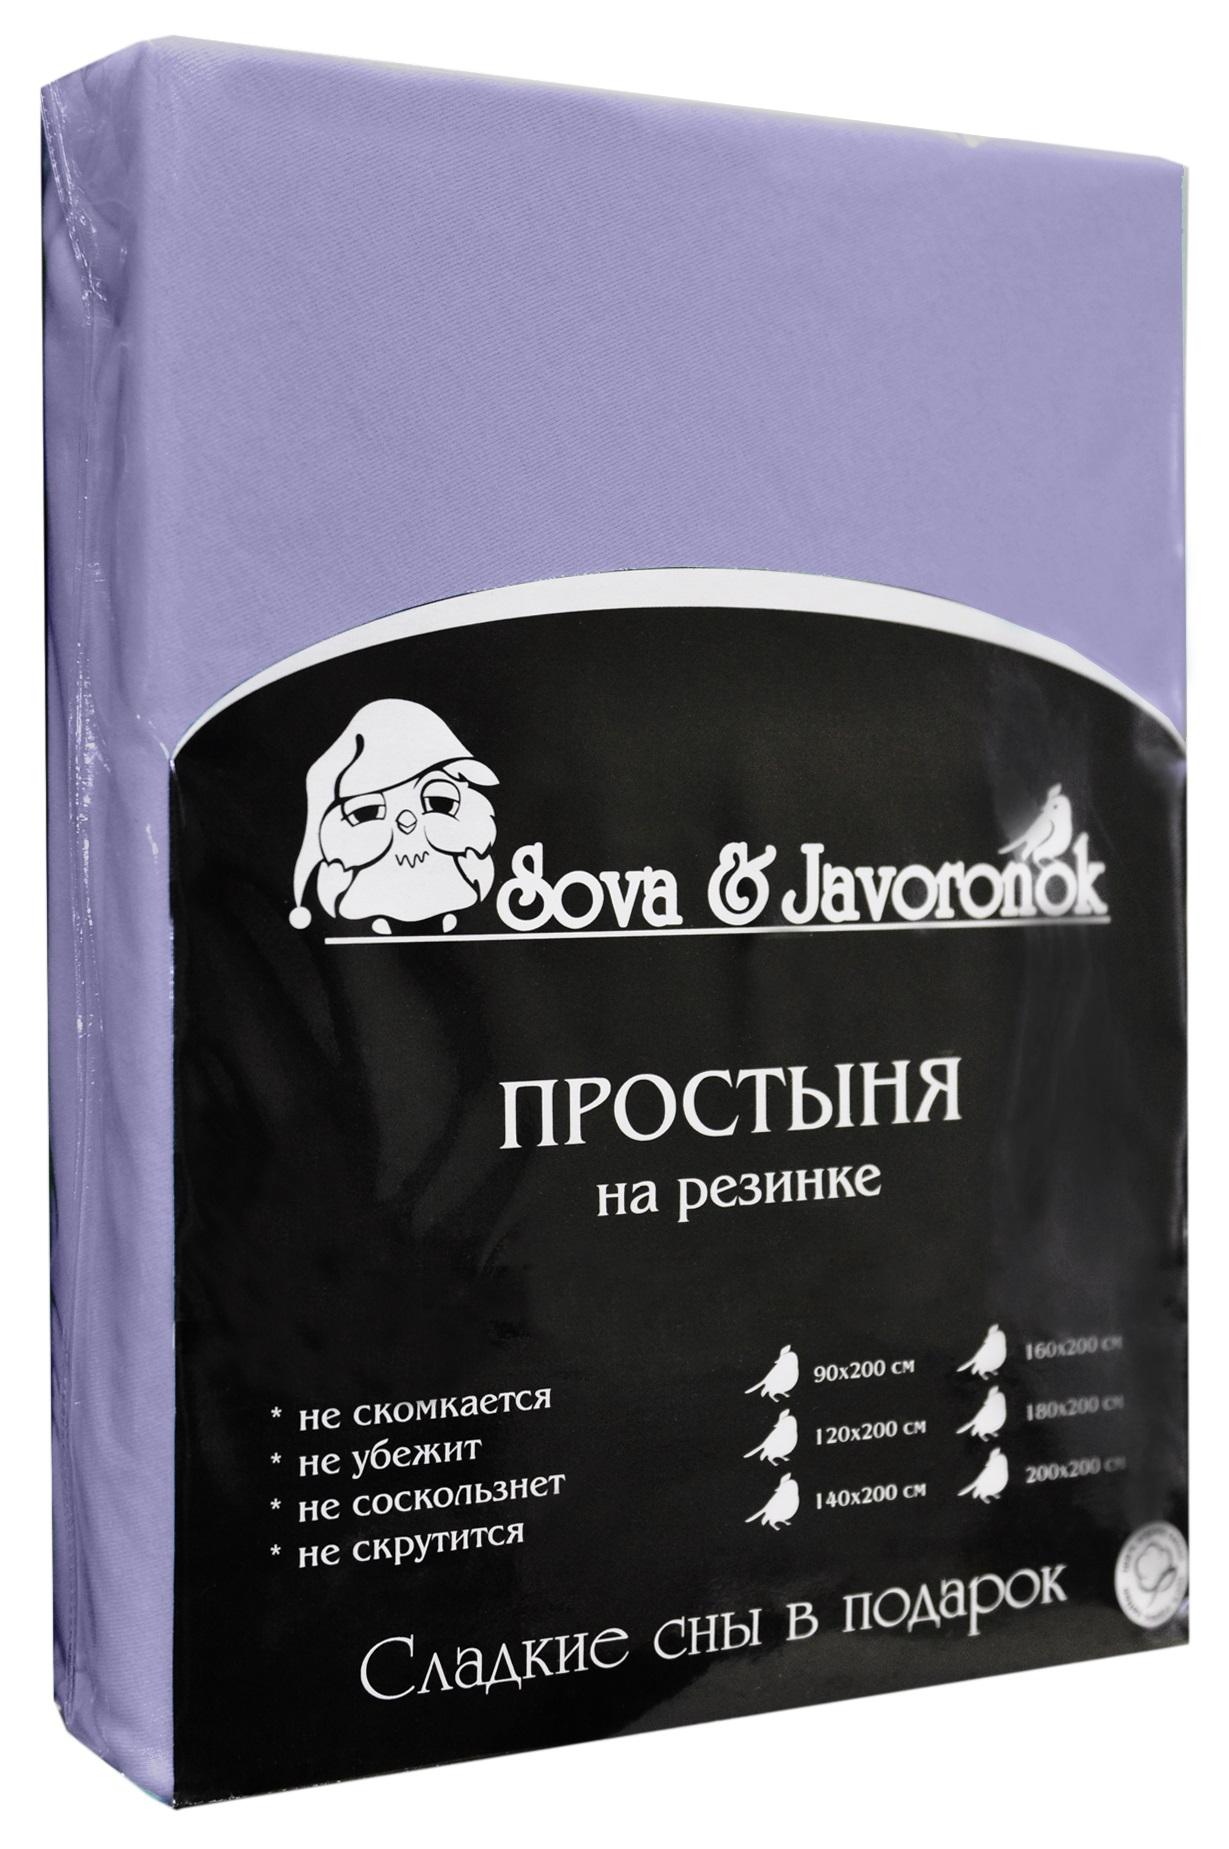 Простыня на резинке Sova & Javoronok, цвет: фиолетовый, 180 см х 200 см0803113700Простыня на резинке Sova & Javoronok, изготовленная из трикотажной ткани (100% хлопок), будет превосходно смотреться с любыми комплектами белья. Хлопчатобумажный трикотаж по праву считается одним из самых качественных, прочных и при этом приятных на ощупь. Его гигиеничность позволяет использовать простыню и в детских комнатах, к тому же 100%-ый хлопок в составе ткани не вызовет аллергии. У трикотажного полотна очень интересная структура, немного рыхлая за счет отсутствия плотного переплетения нитей и наличия особых петель, благодаря этому простыня Сова и Жаворонок отлично пропускает воздух и способствует его постоянной циркуляции. Поэтому ваша постель будет всегда оставаться свежей. Но главное и, пожалуй, самое известное свойство трикотажа - это его великолепная растяжимость, поэтому эта ткань и была выбрана для натяжной простыни на резинке.Простыня прошита резинкой по всему периметру, что обеспечивает более комфортный отдых, так как она прочно удерживается на матрасе и избавляет от необходимости часто поправлять простыню.